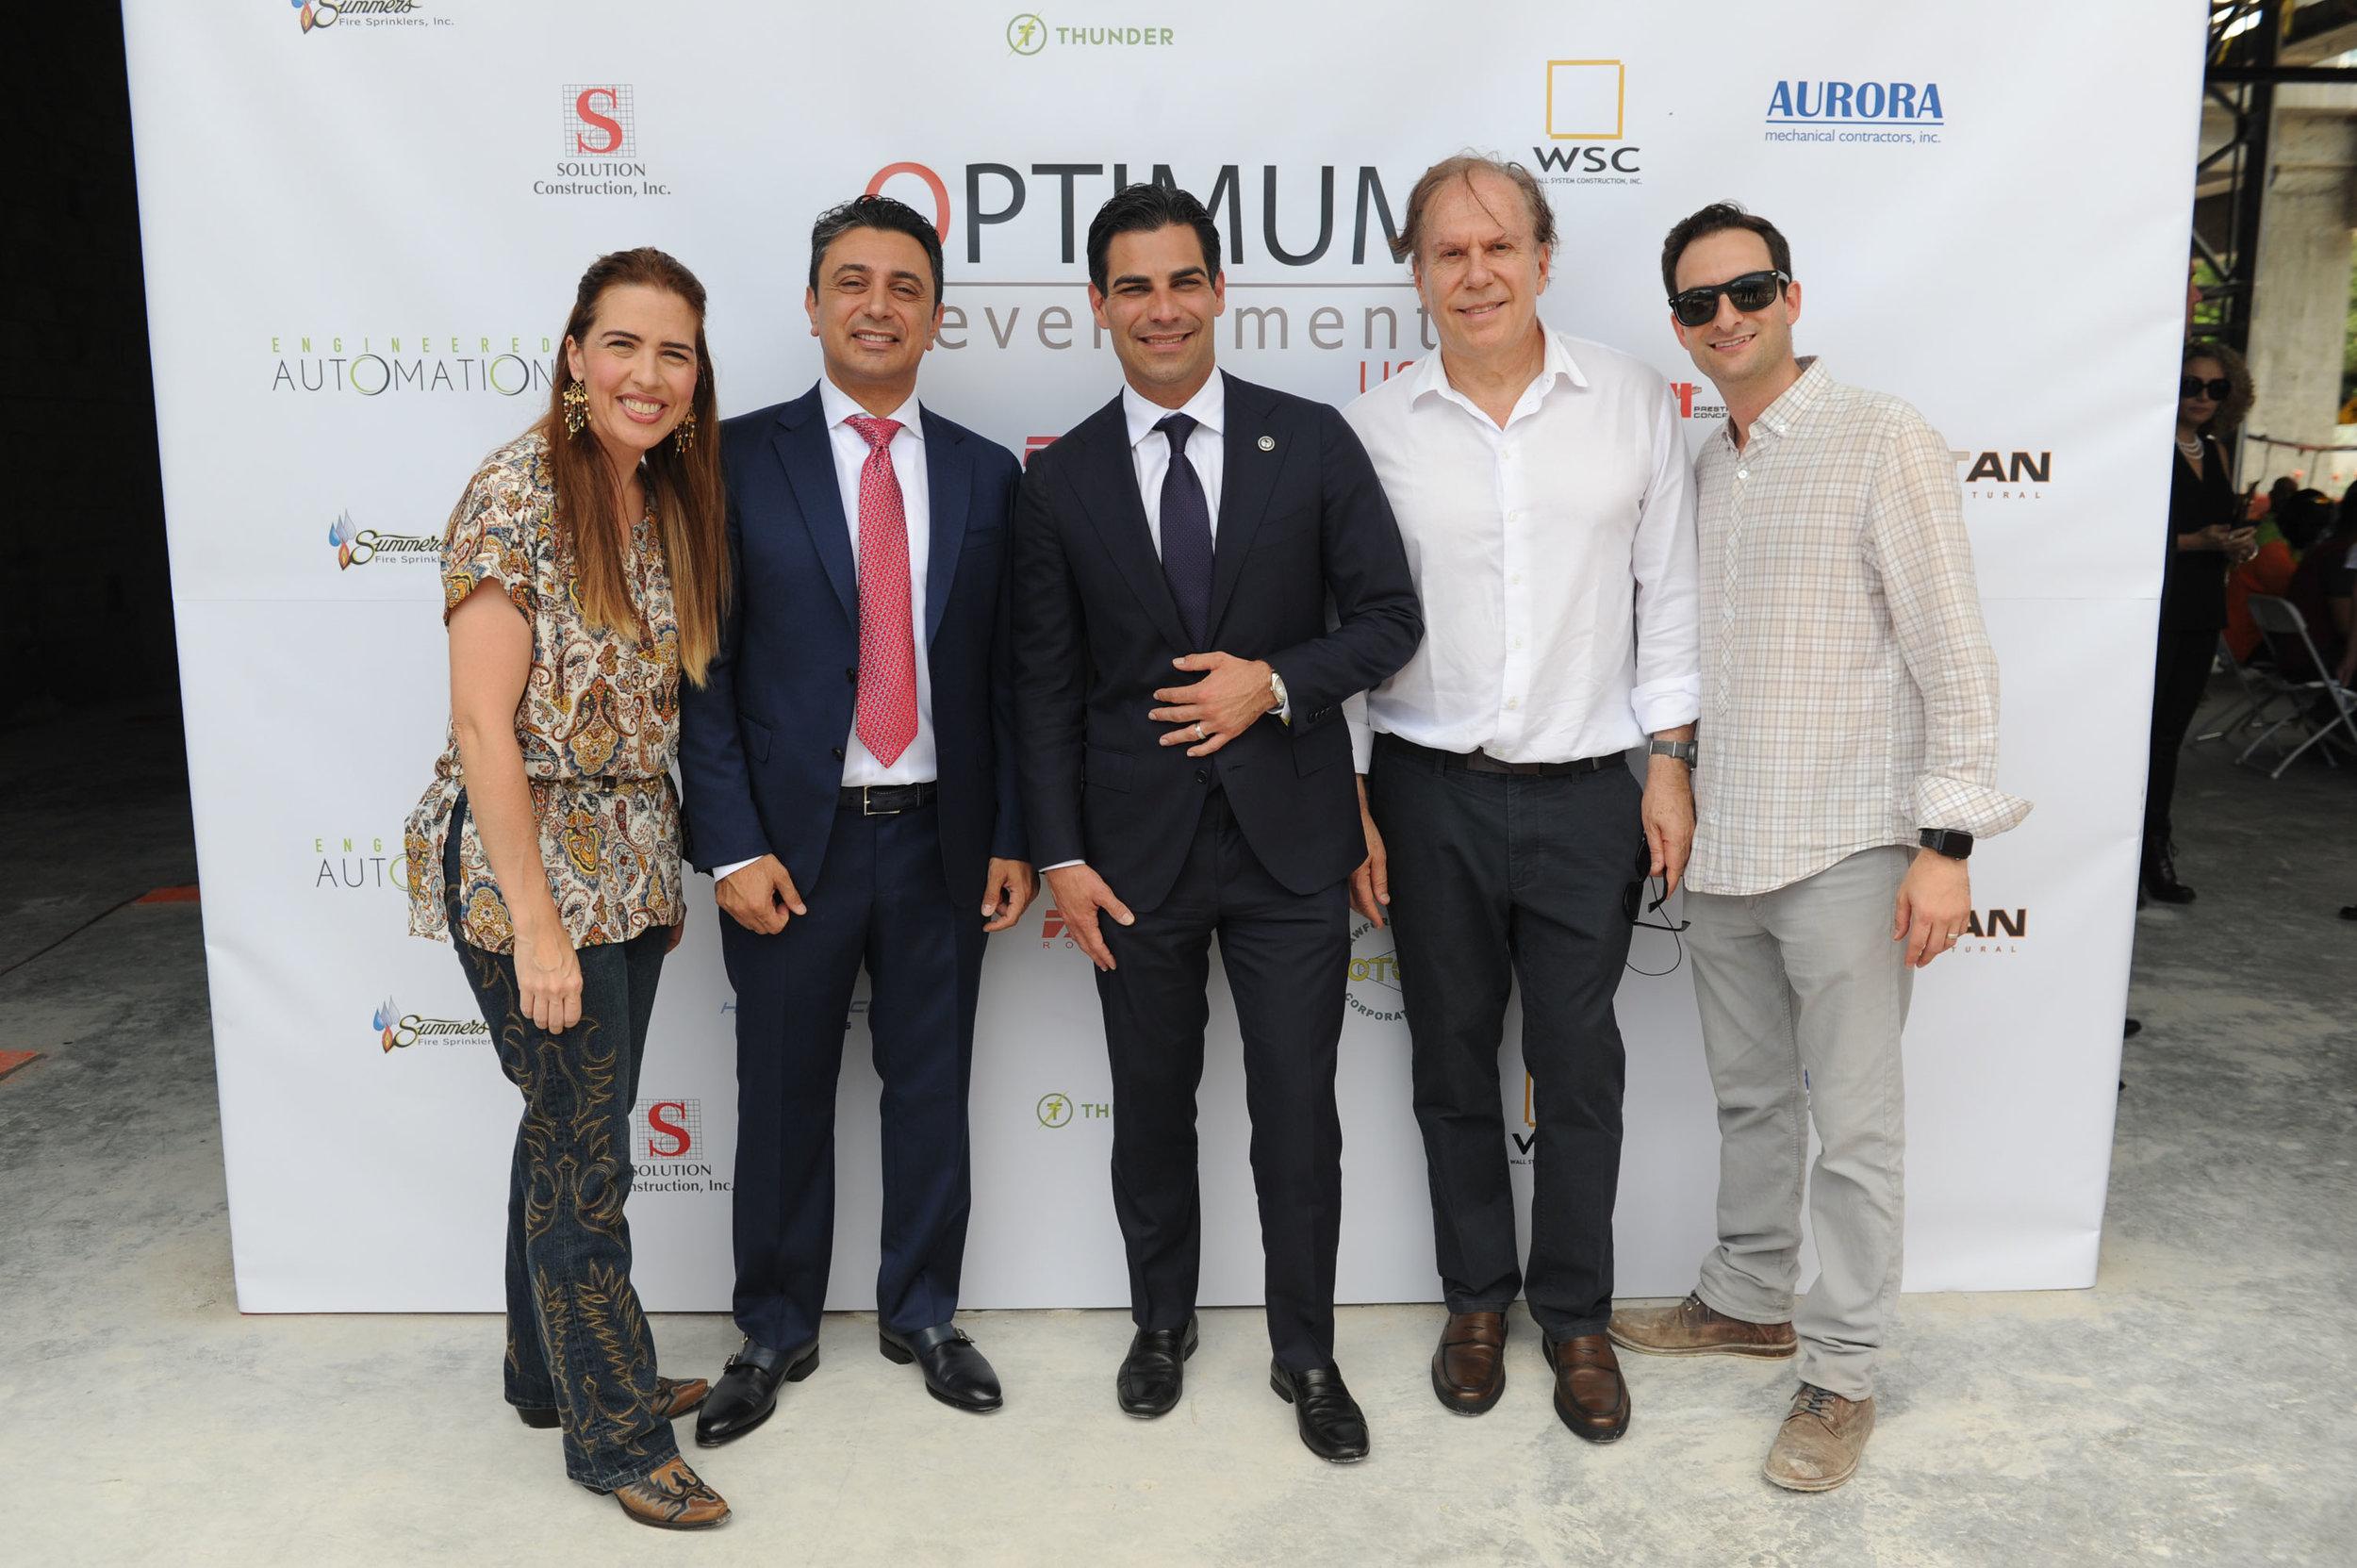 Raquel Regalado, Ricardo Tabet, Mayor Francis Suarez, Bernardo Fort-Brescia, & Eric Helitzer